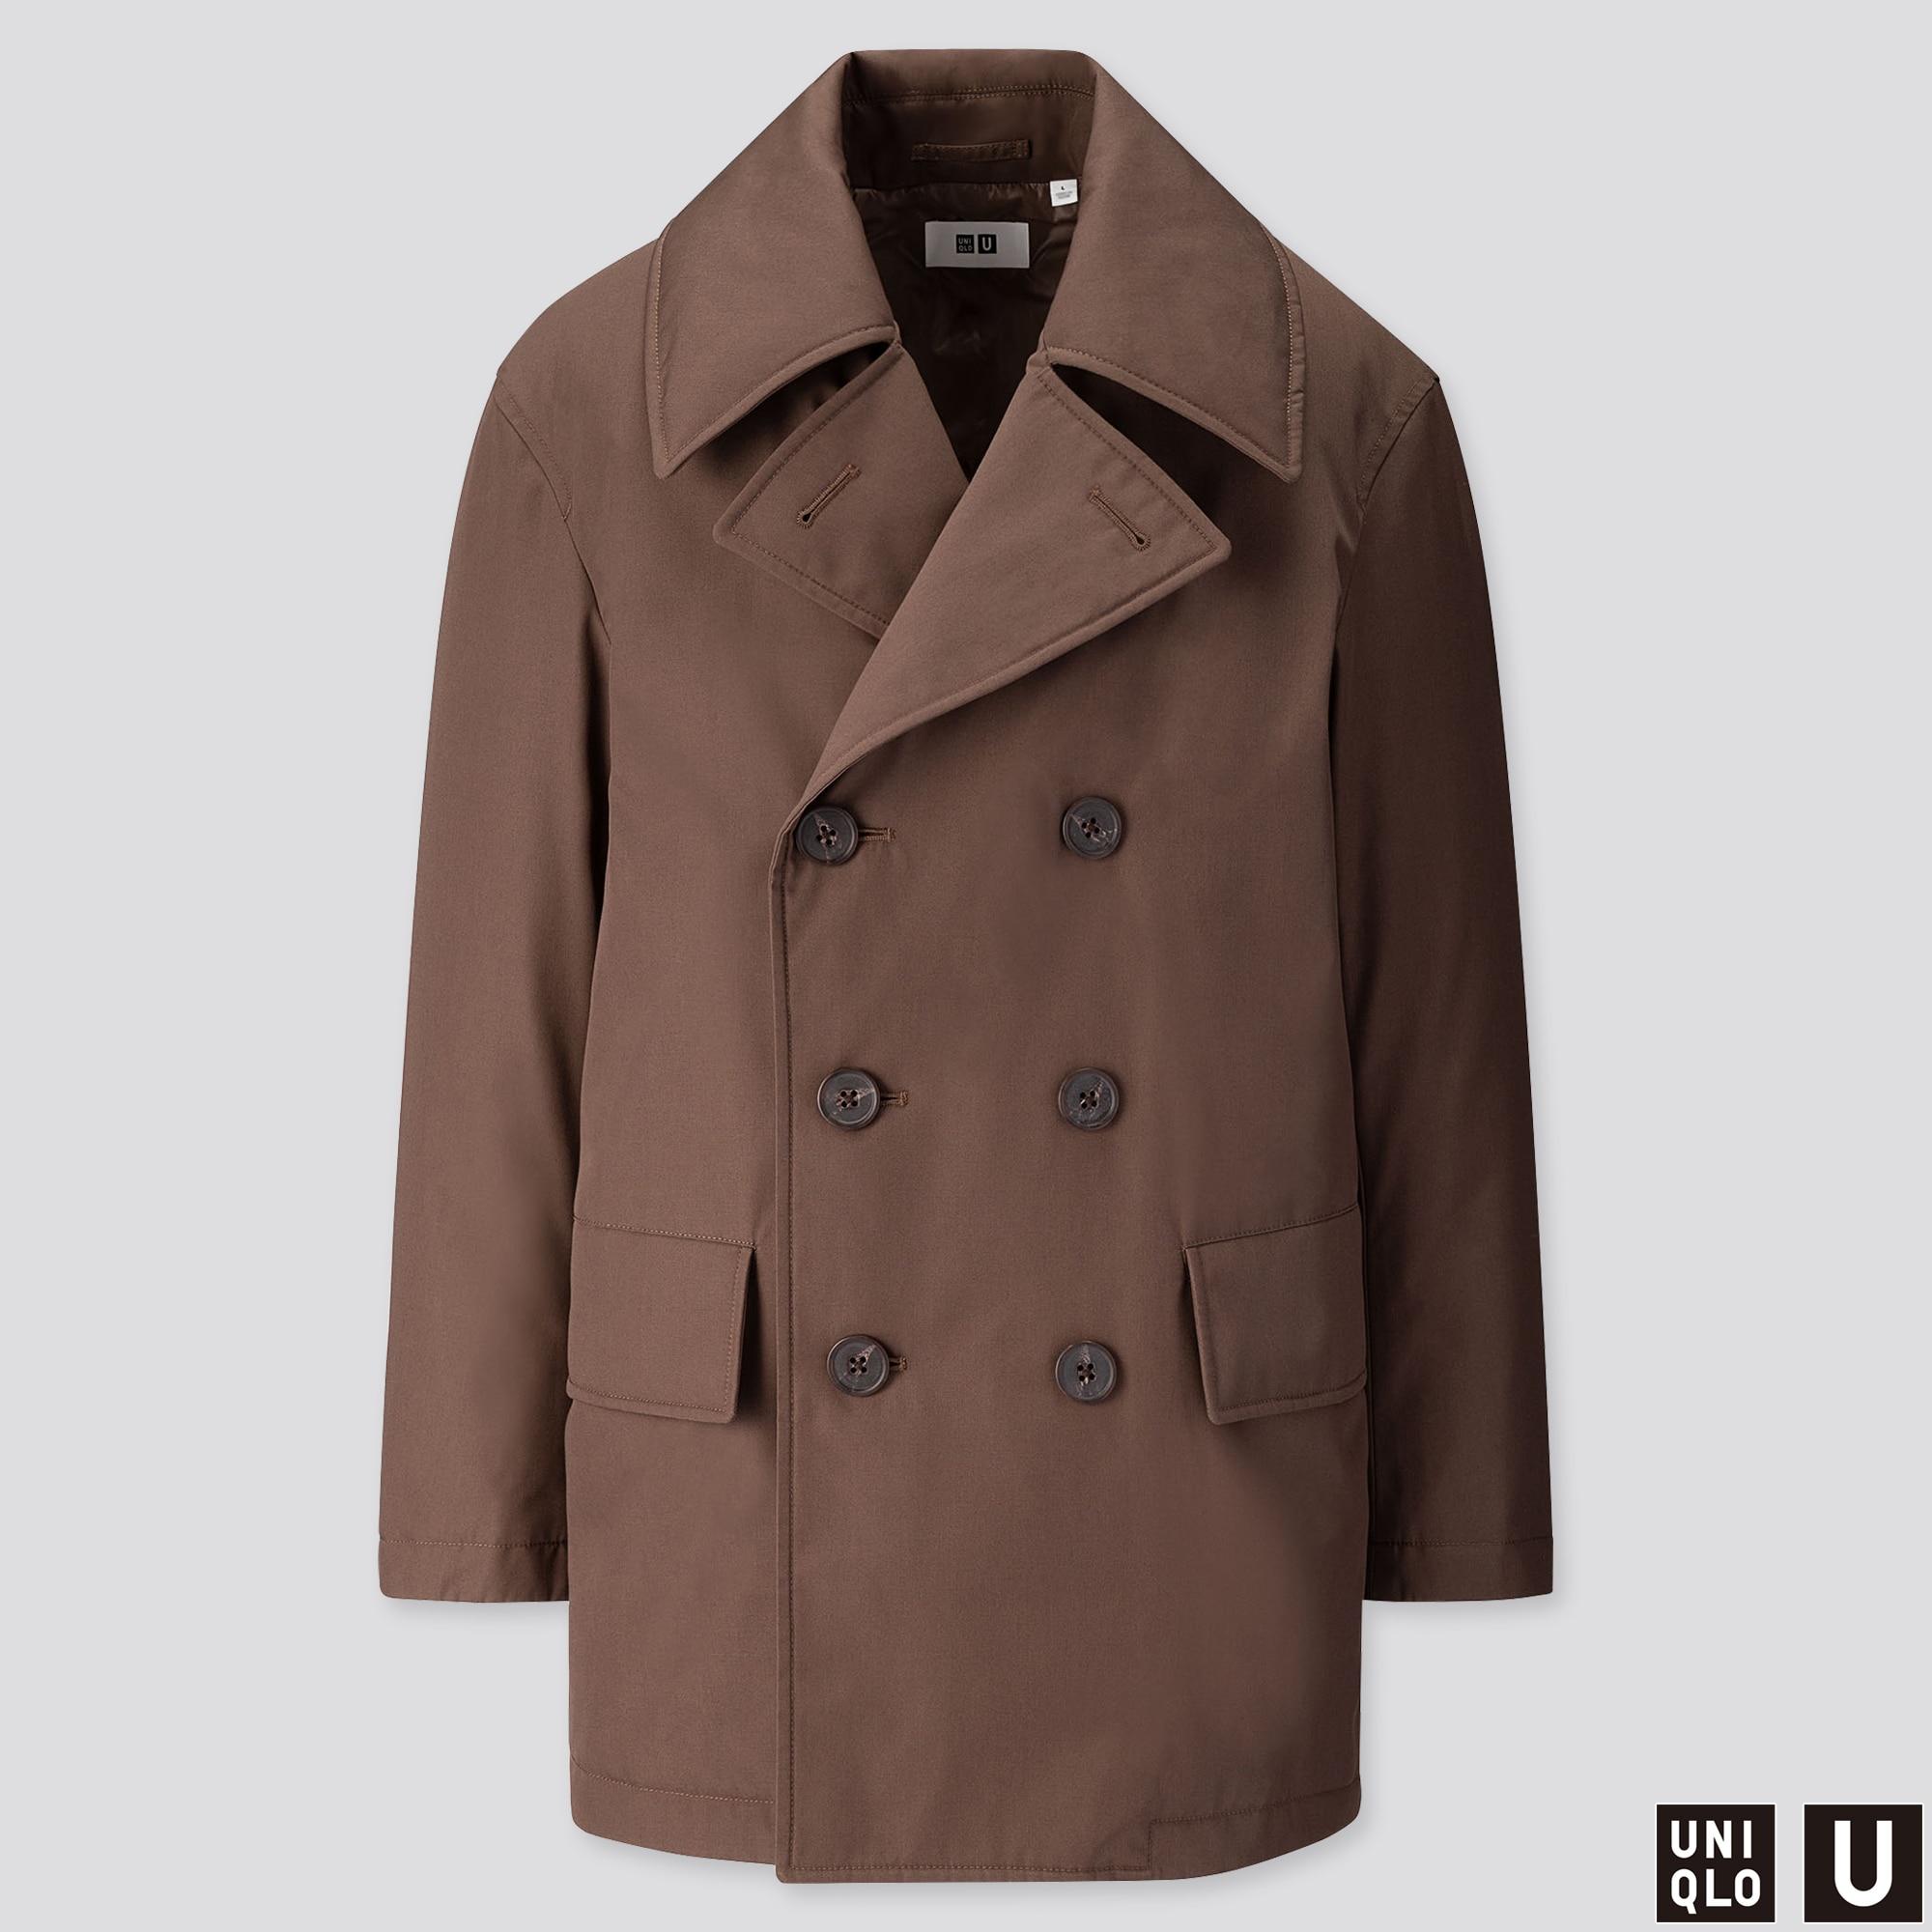 Herren Jacken und Mäntel | UNIQLO